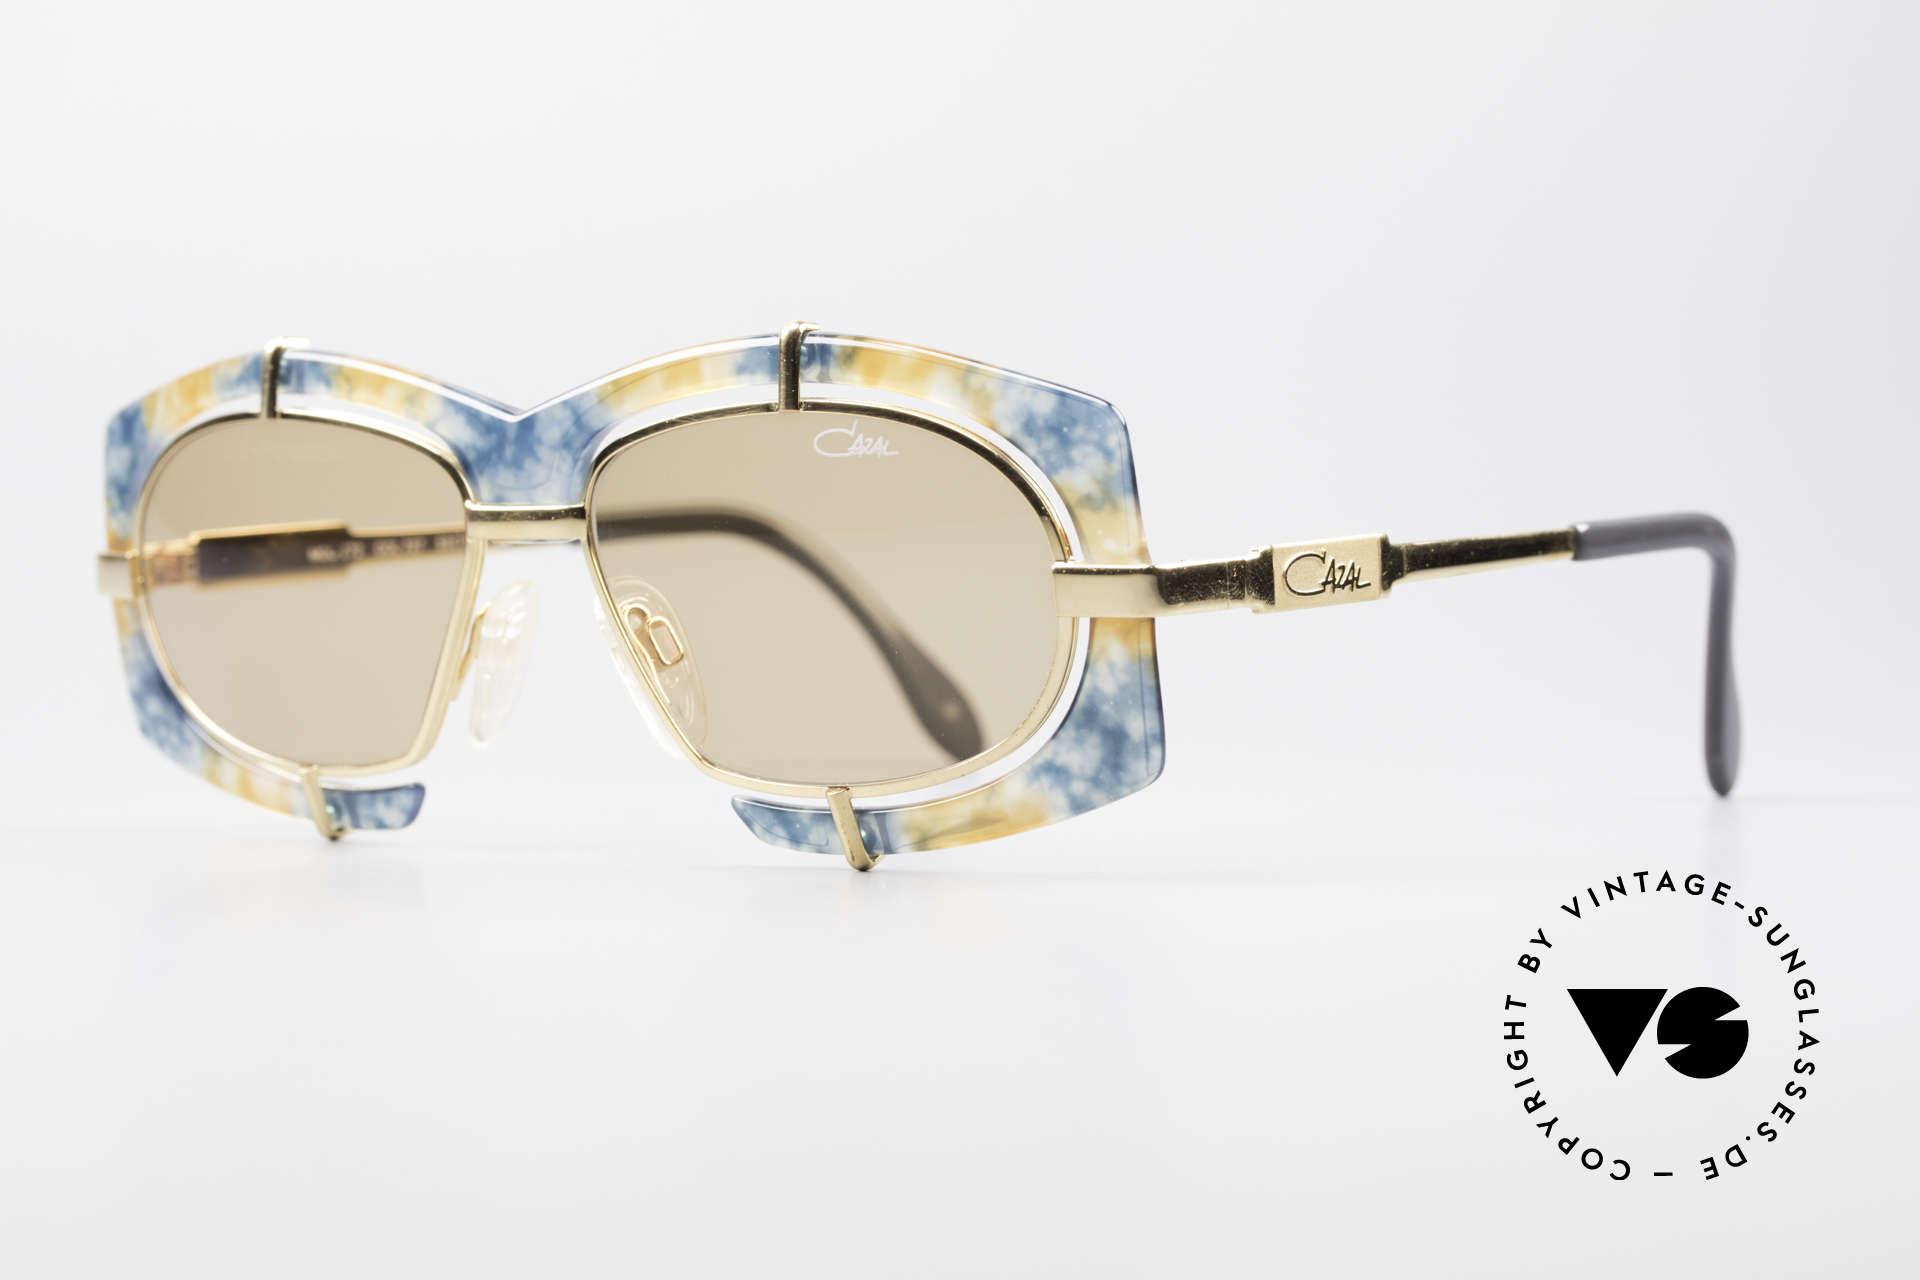 Cazal 872 Haute Couture Sonnenbrille, pompöse Haute Couture Brille - charakteristisch Cazal, Passend für Herren und Damen